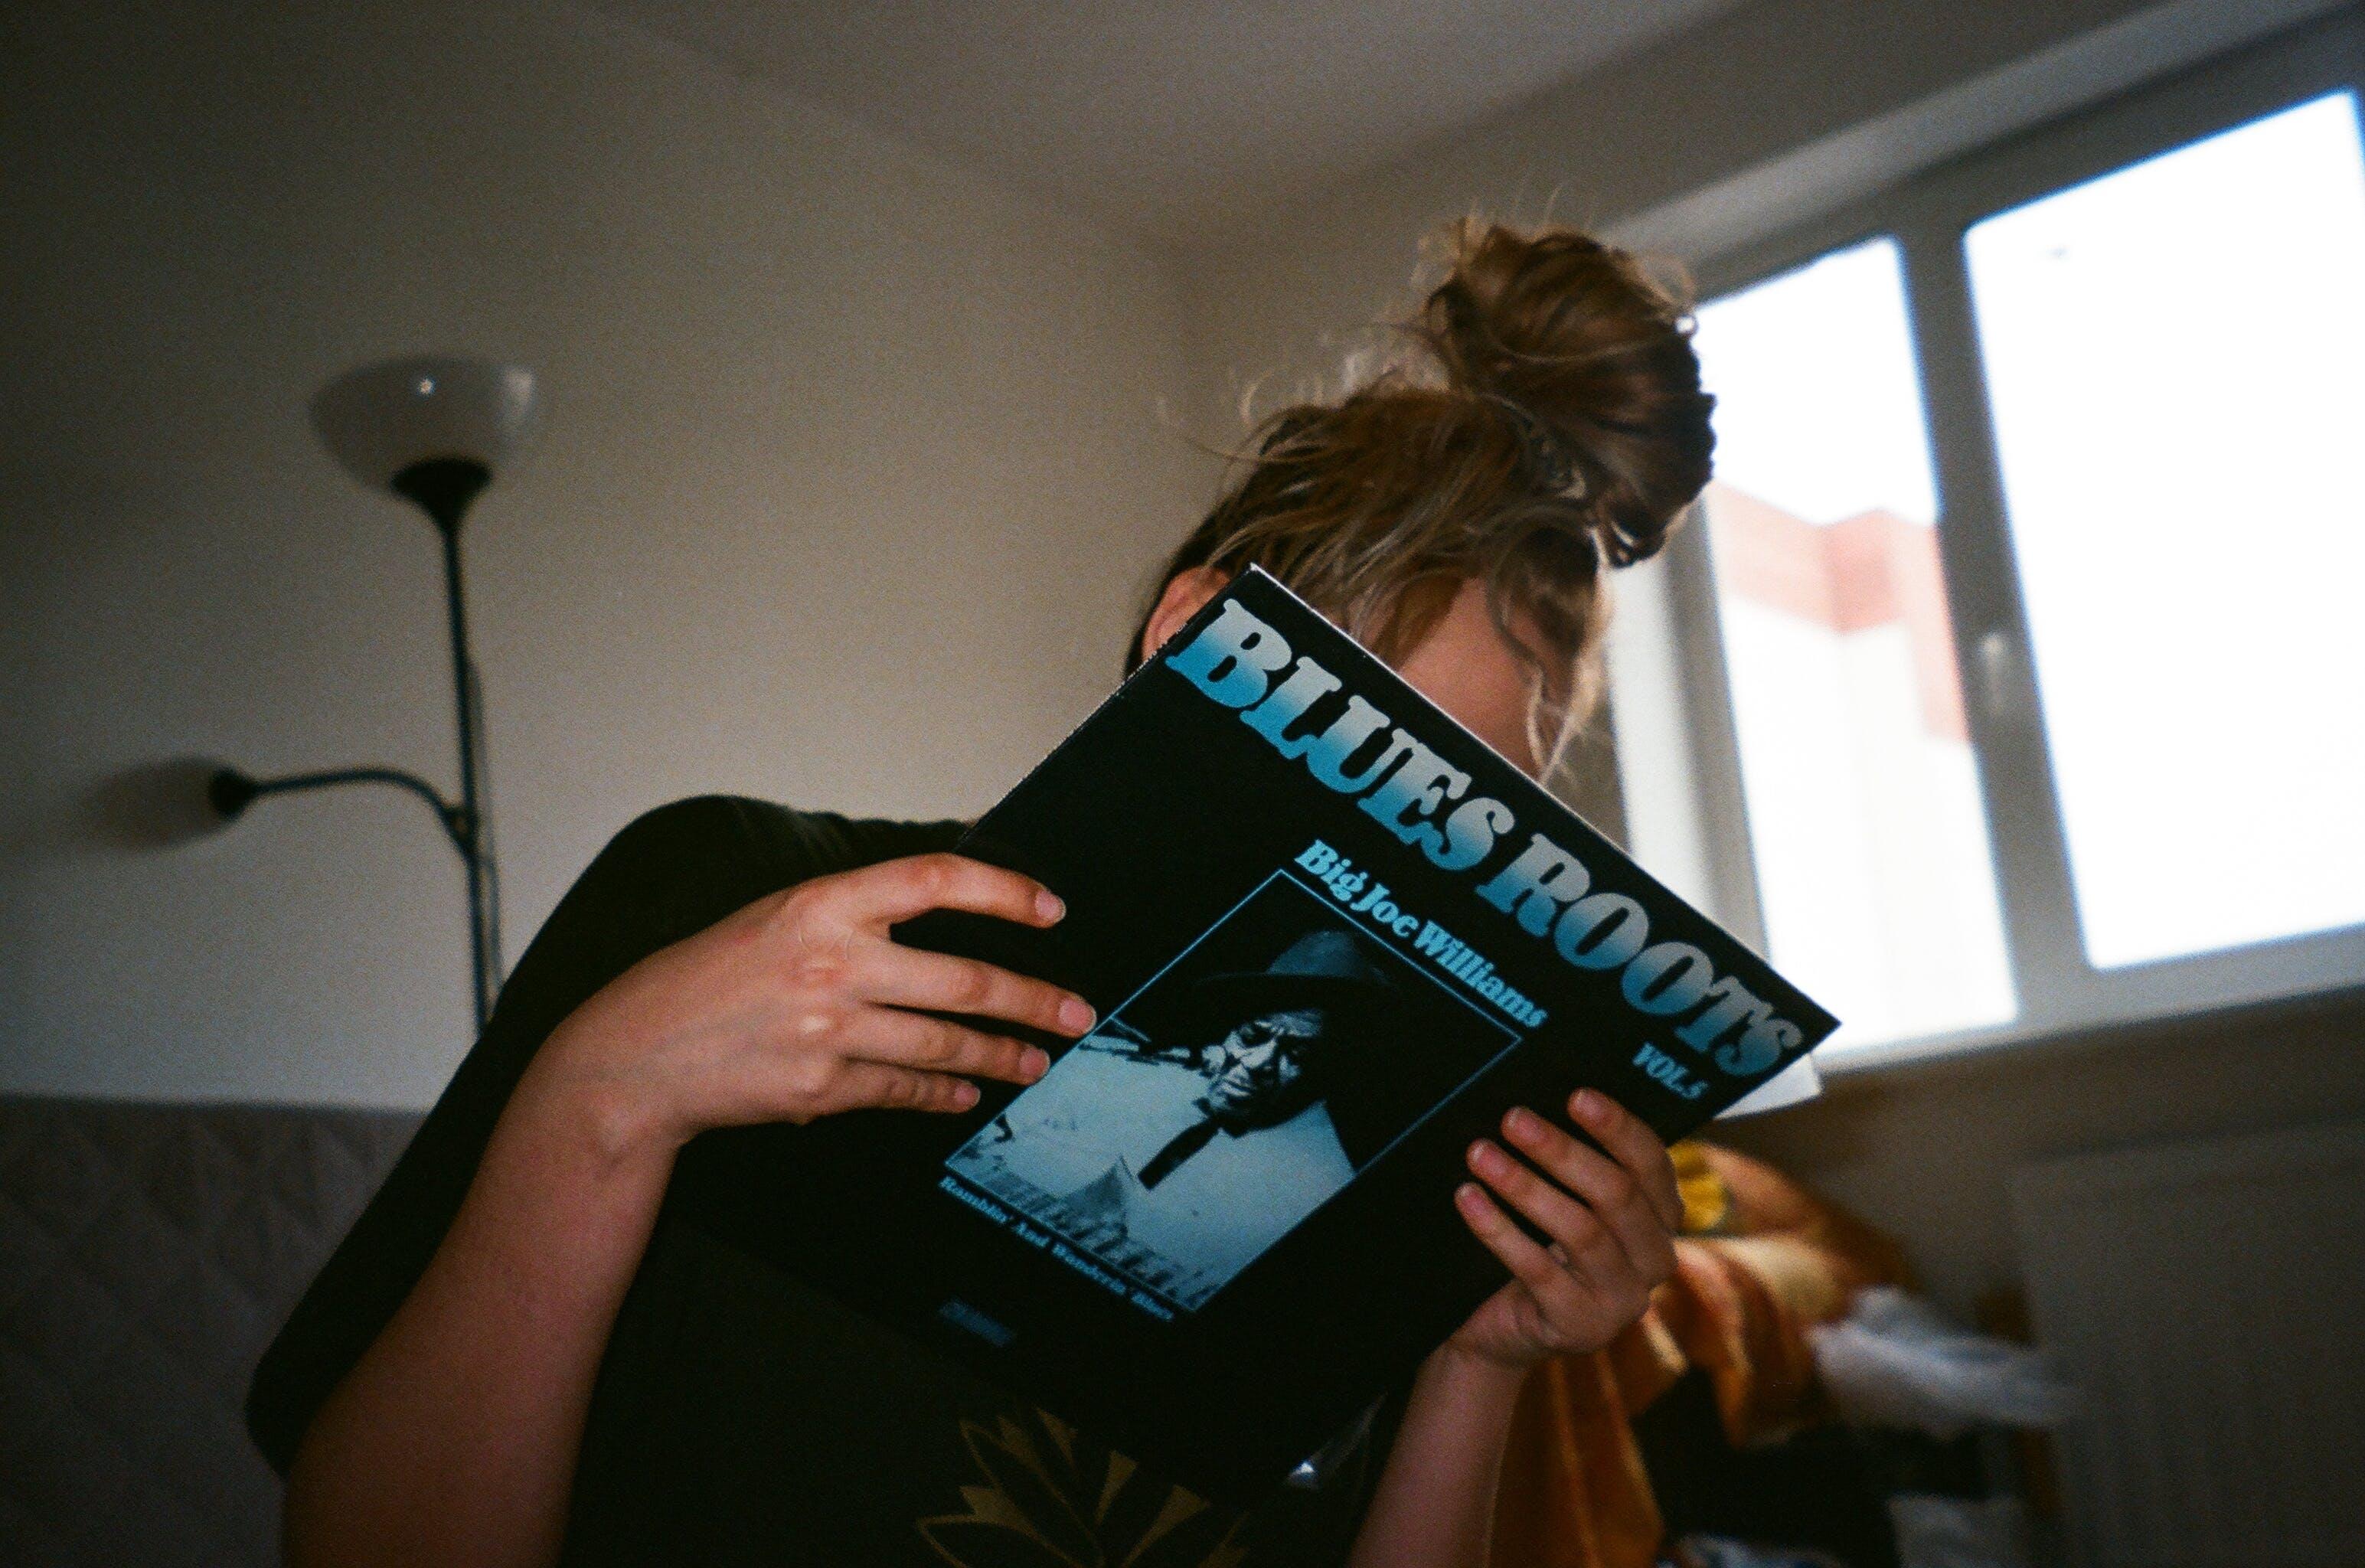 Kostnadsfri bild av flicka, fonografinspelning, fotografering, ha på sig